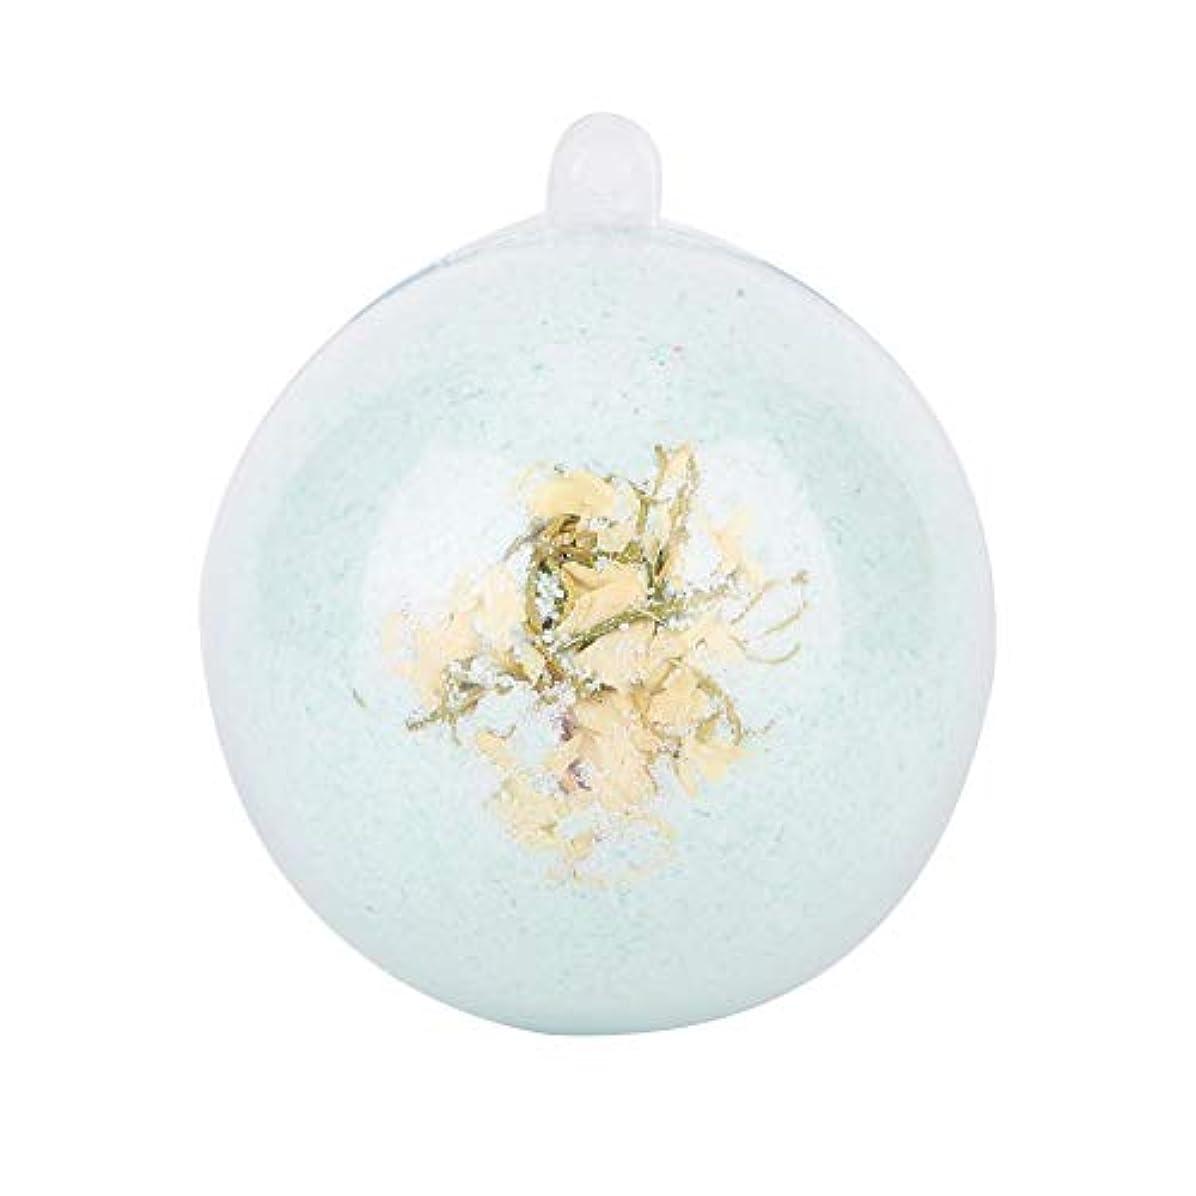 空気ソーダ水共産主義者dootiバスボム 6個セット 爆弾バスボール 入浴剤 プレゼント用 香り 入浴 風呂 お湯 優しい